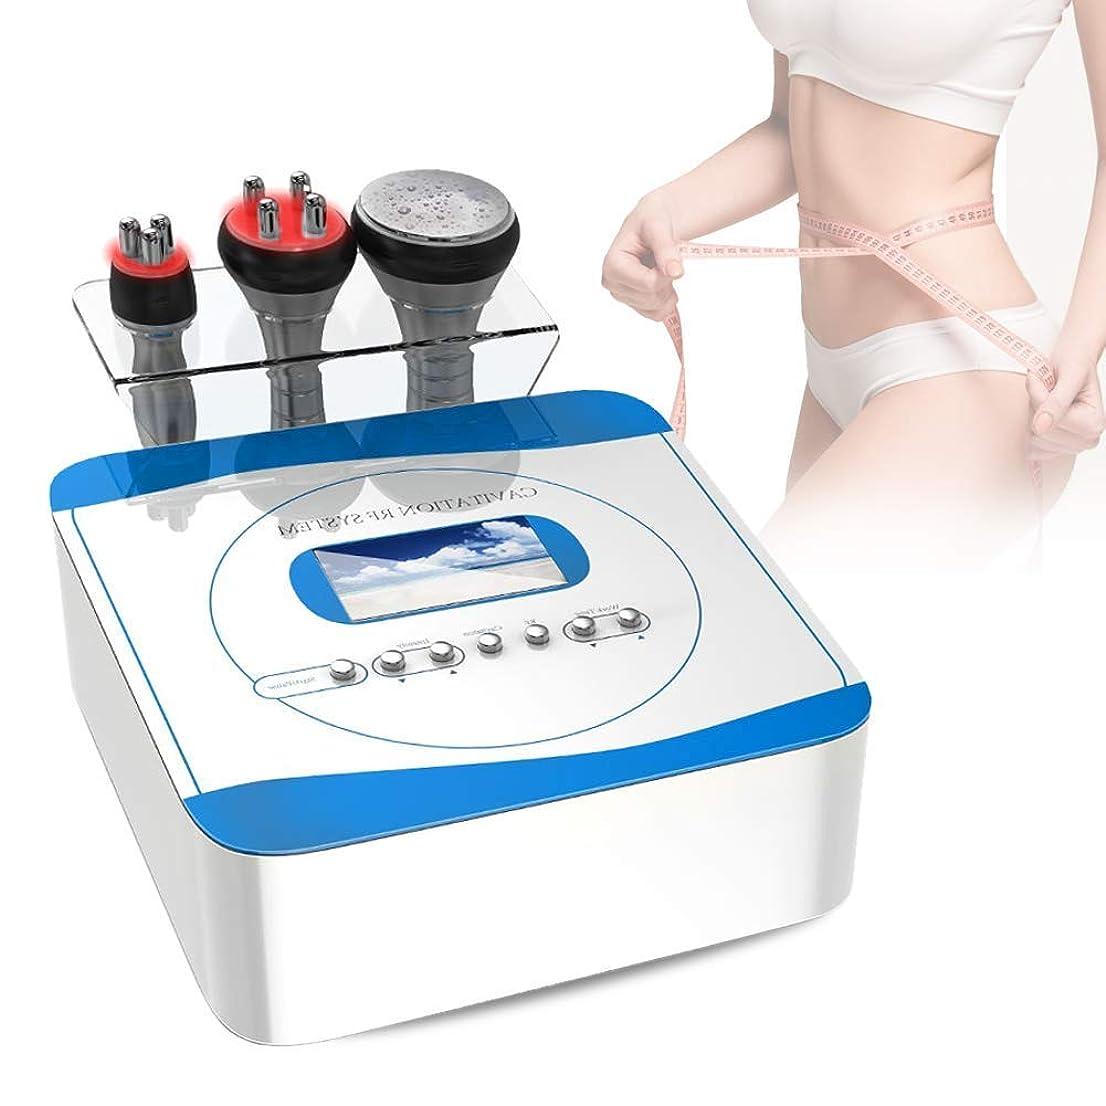 娘哲学堀脂肪除去機、腰、腕、腹、脚のためのリフティング美容機を引き締める1ボディマッサージ脂肪除去肌に3